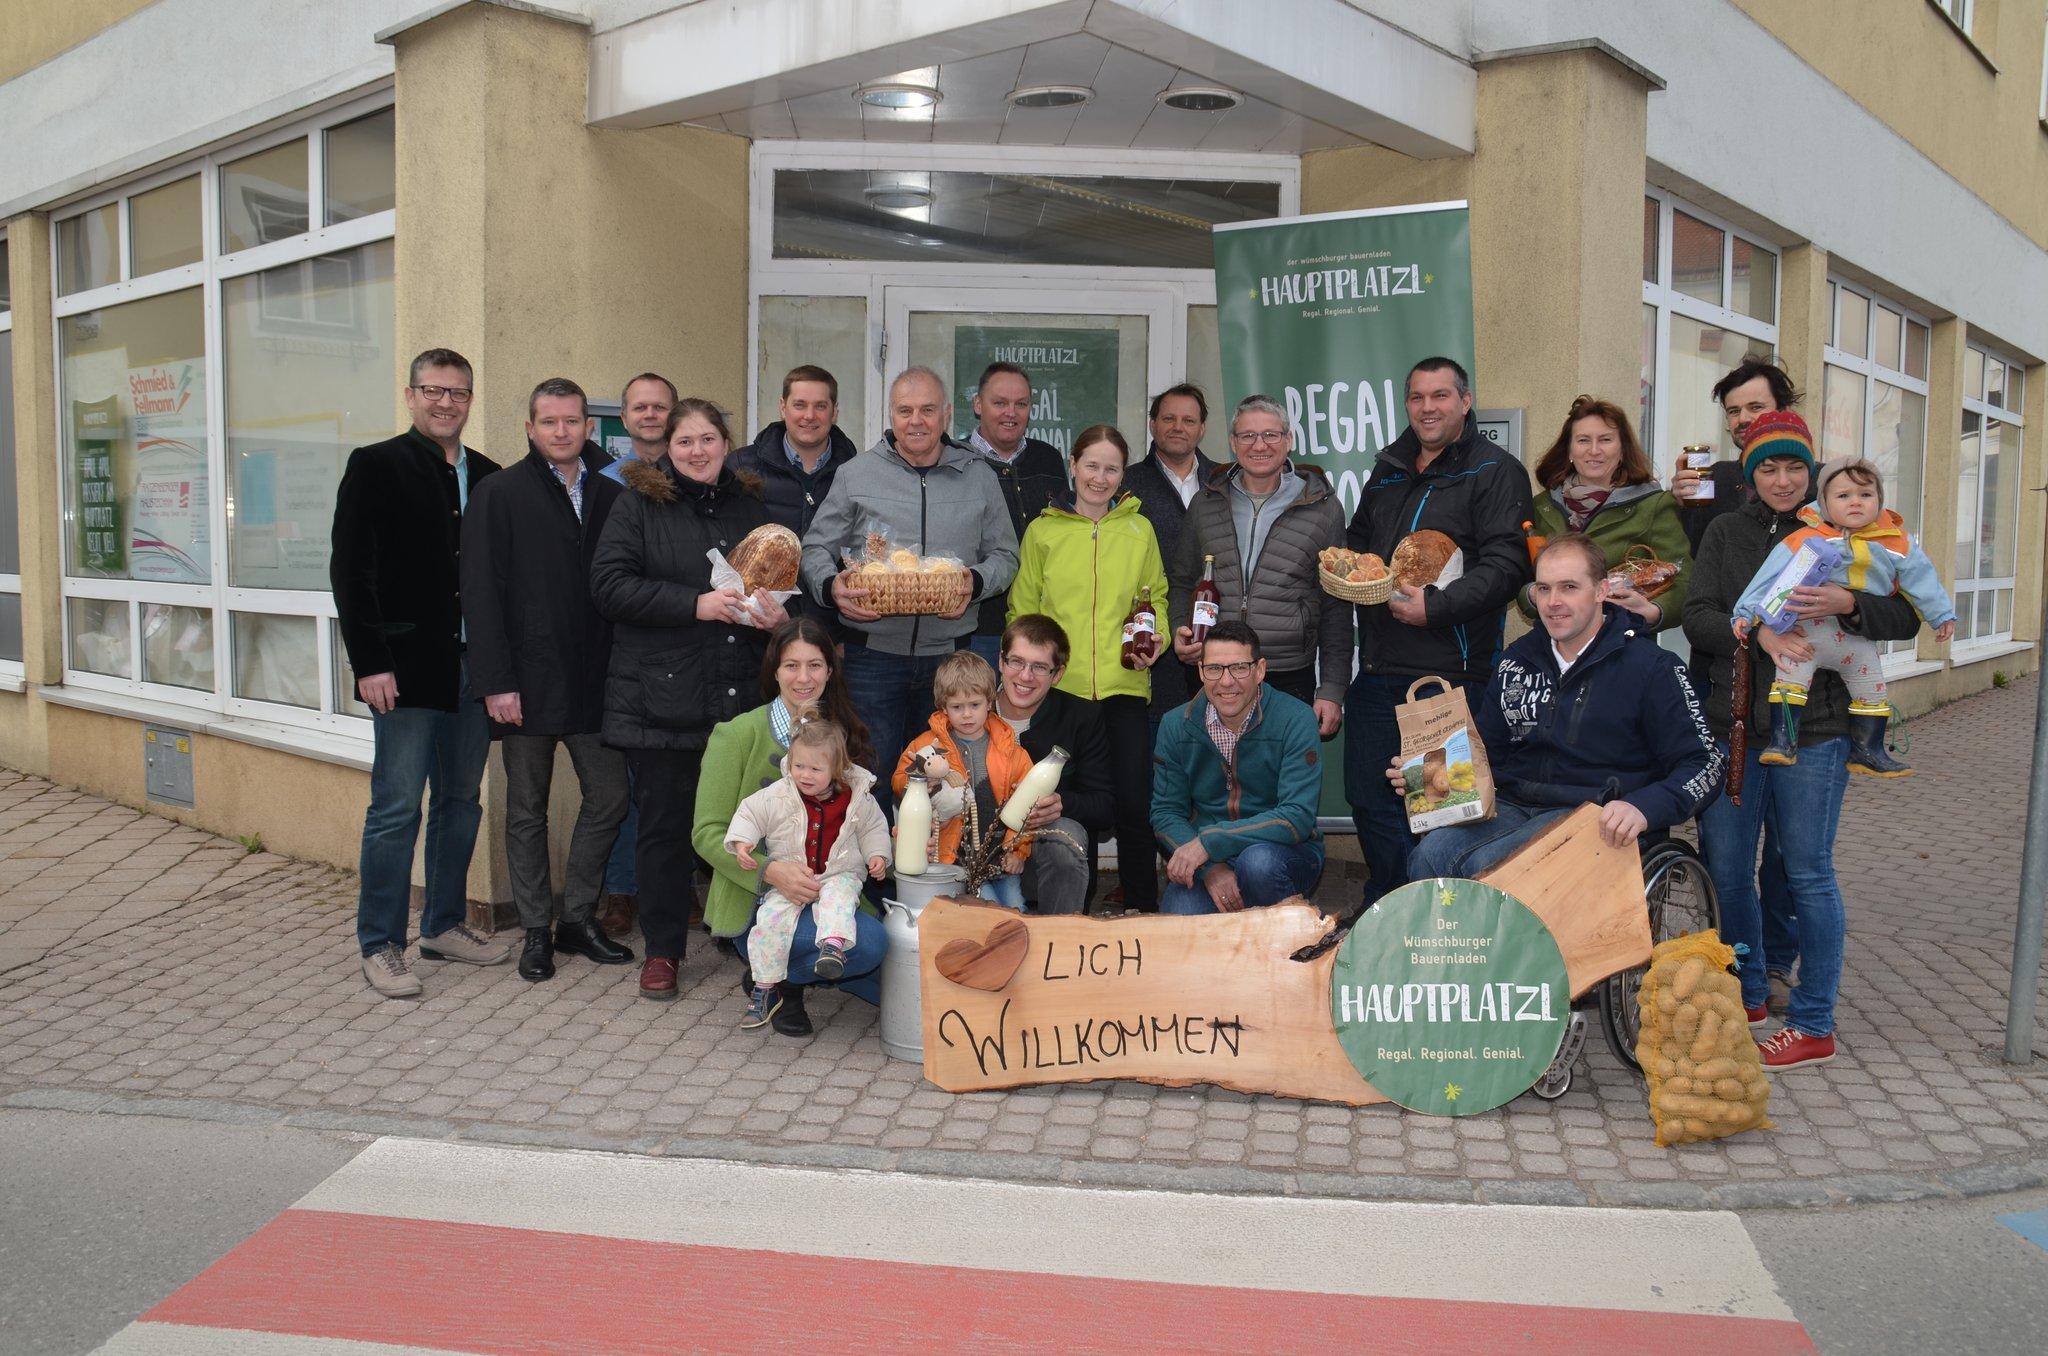 Partnersuche & kostenlose Kontaktanzeigen in Wilhelmsburg